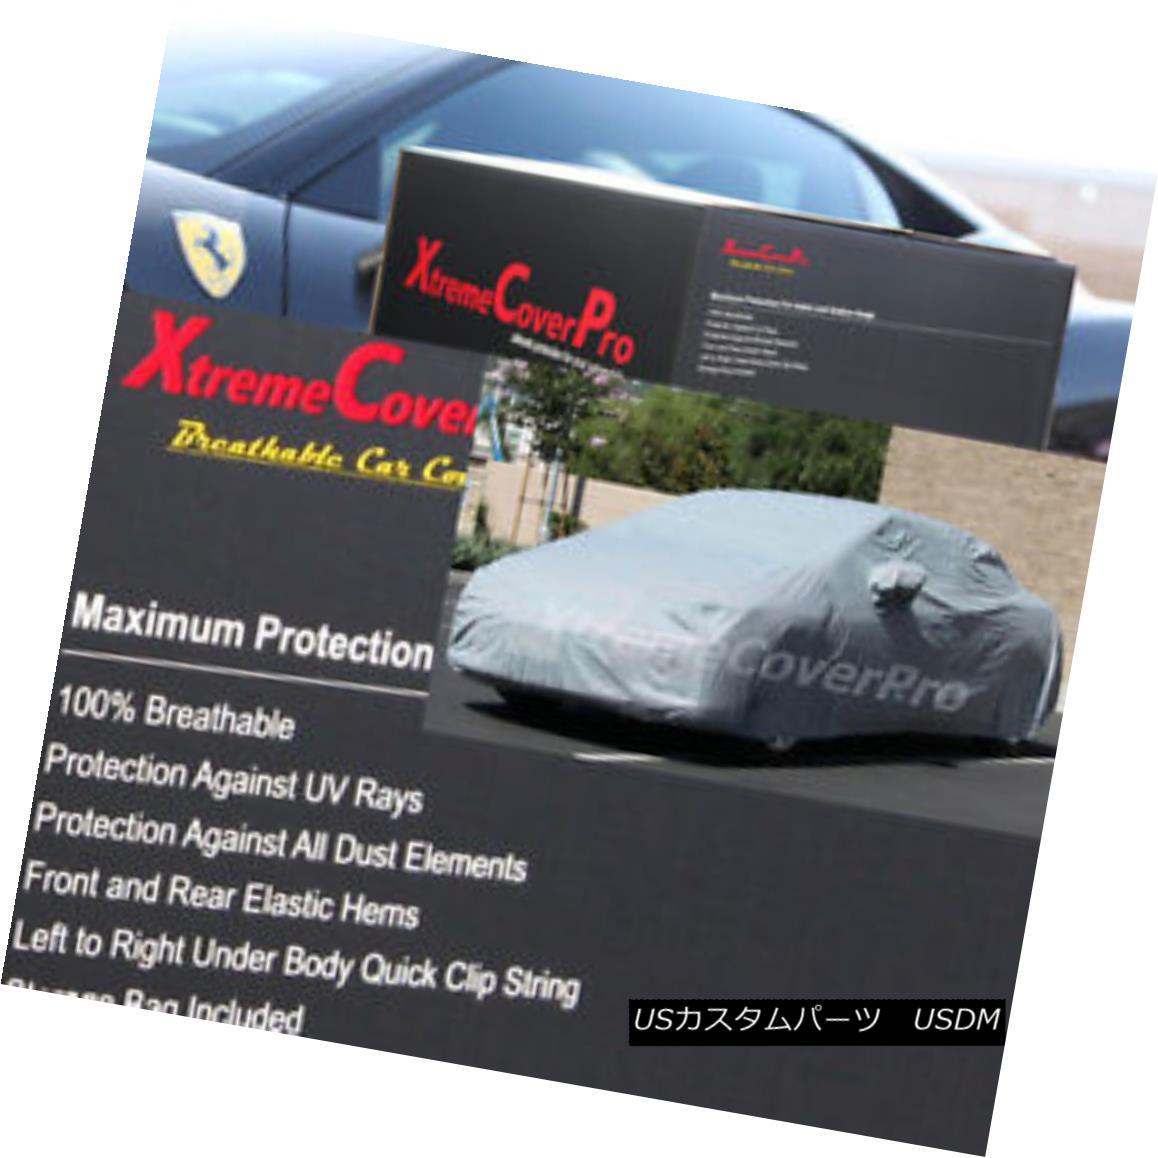 カーカバー 1999 2000 2001 2002 2003 Mitsubishi Galant Breathable Car Cover w/MirrorPocket 1999 2000 2001 2002 2003 MirrorPocket付き三菱ギャランの通気性車カバー